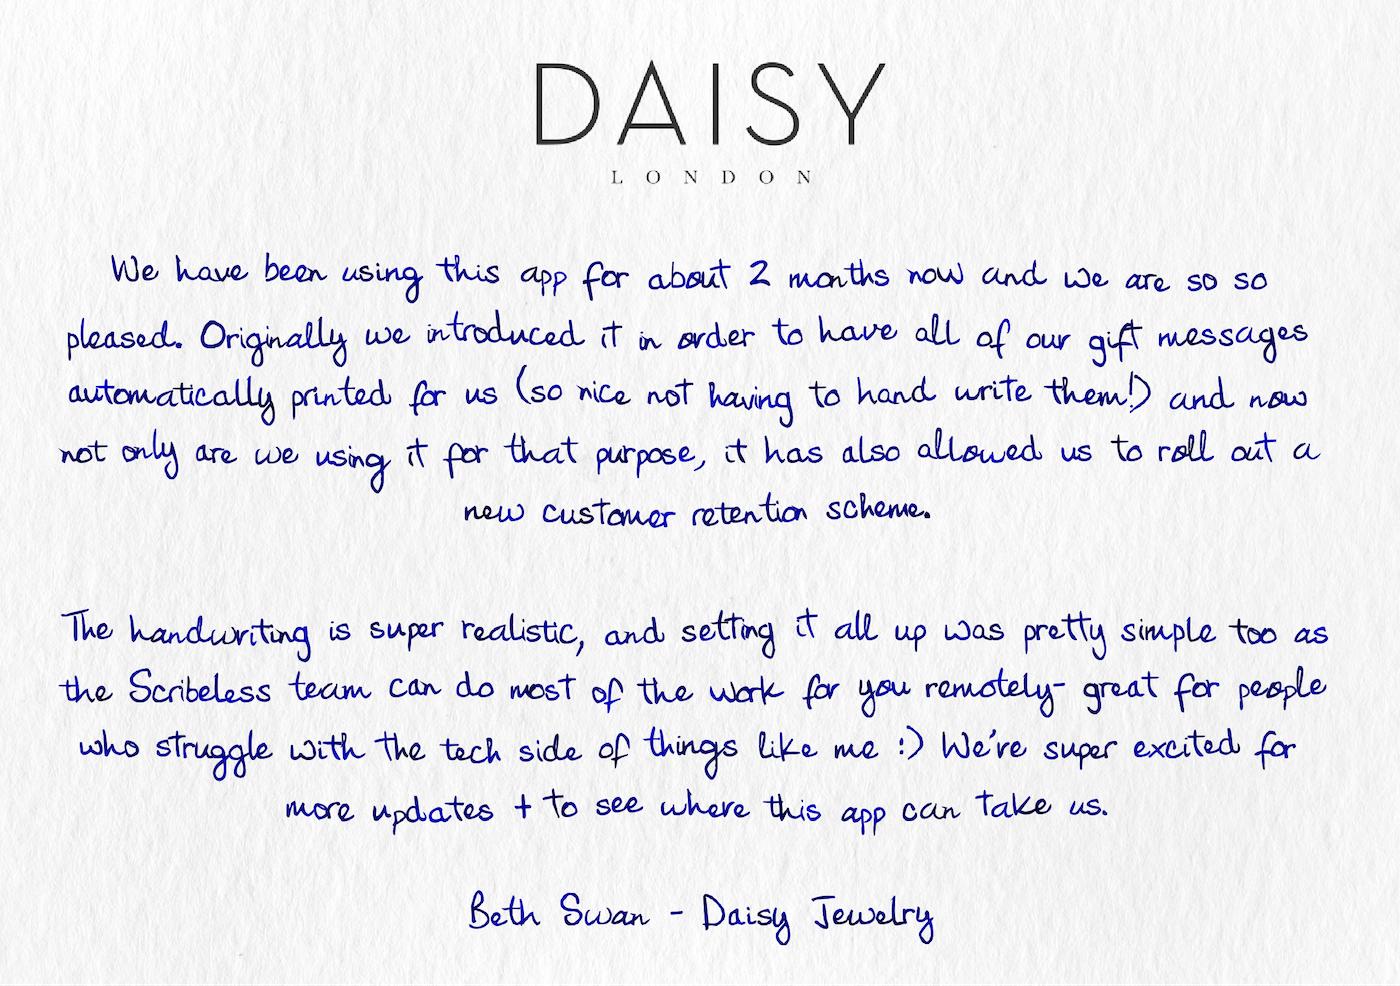 Daisy Jewelry testimonial on a handwritten note